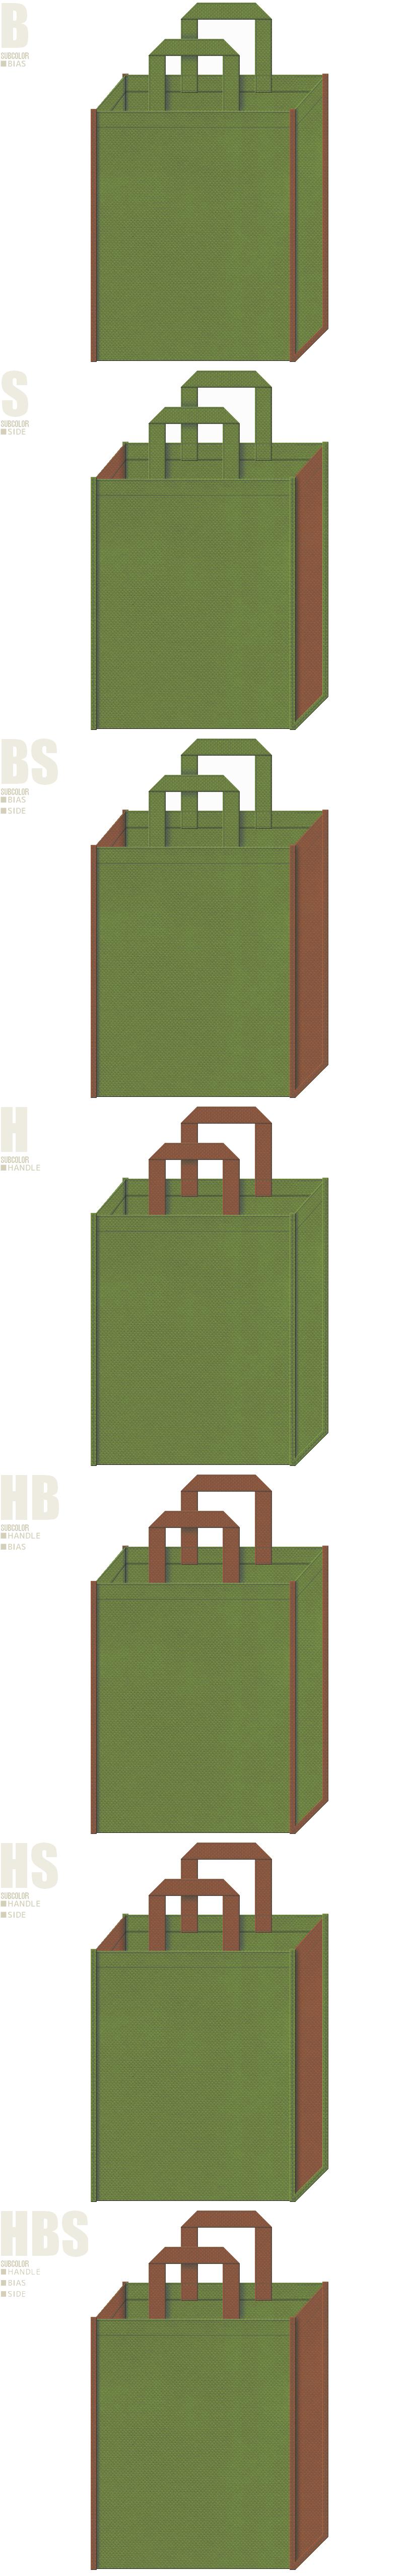 草色と茶色、7パターンの不織布トートバッグ配色デザイン例。草餅風の不織布バッグにお奨めの配色です。